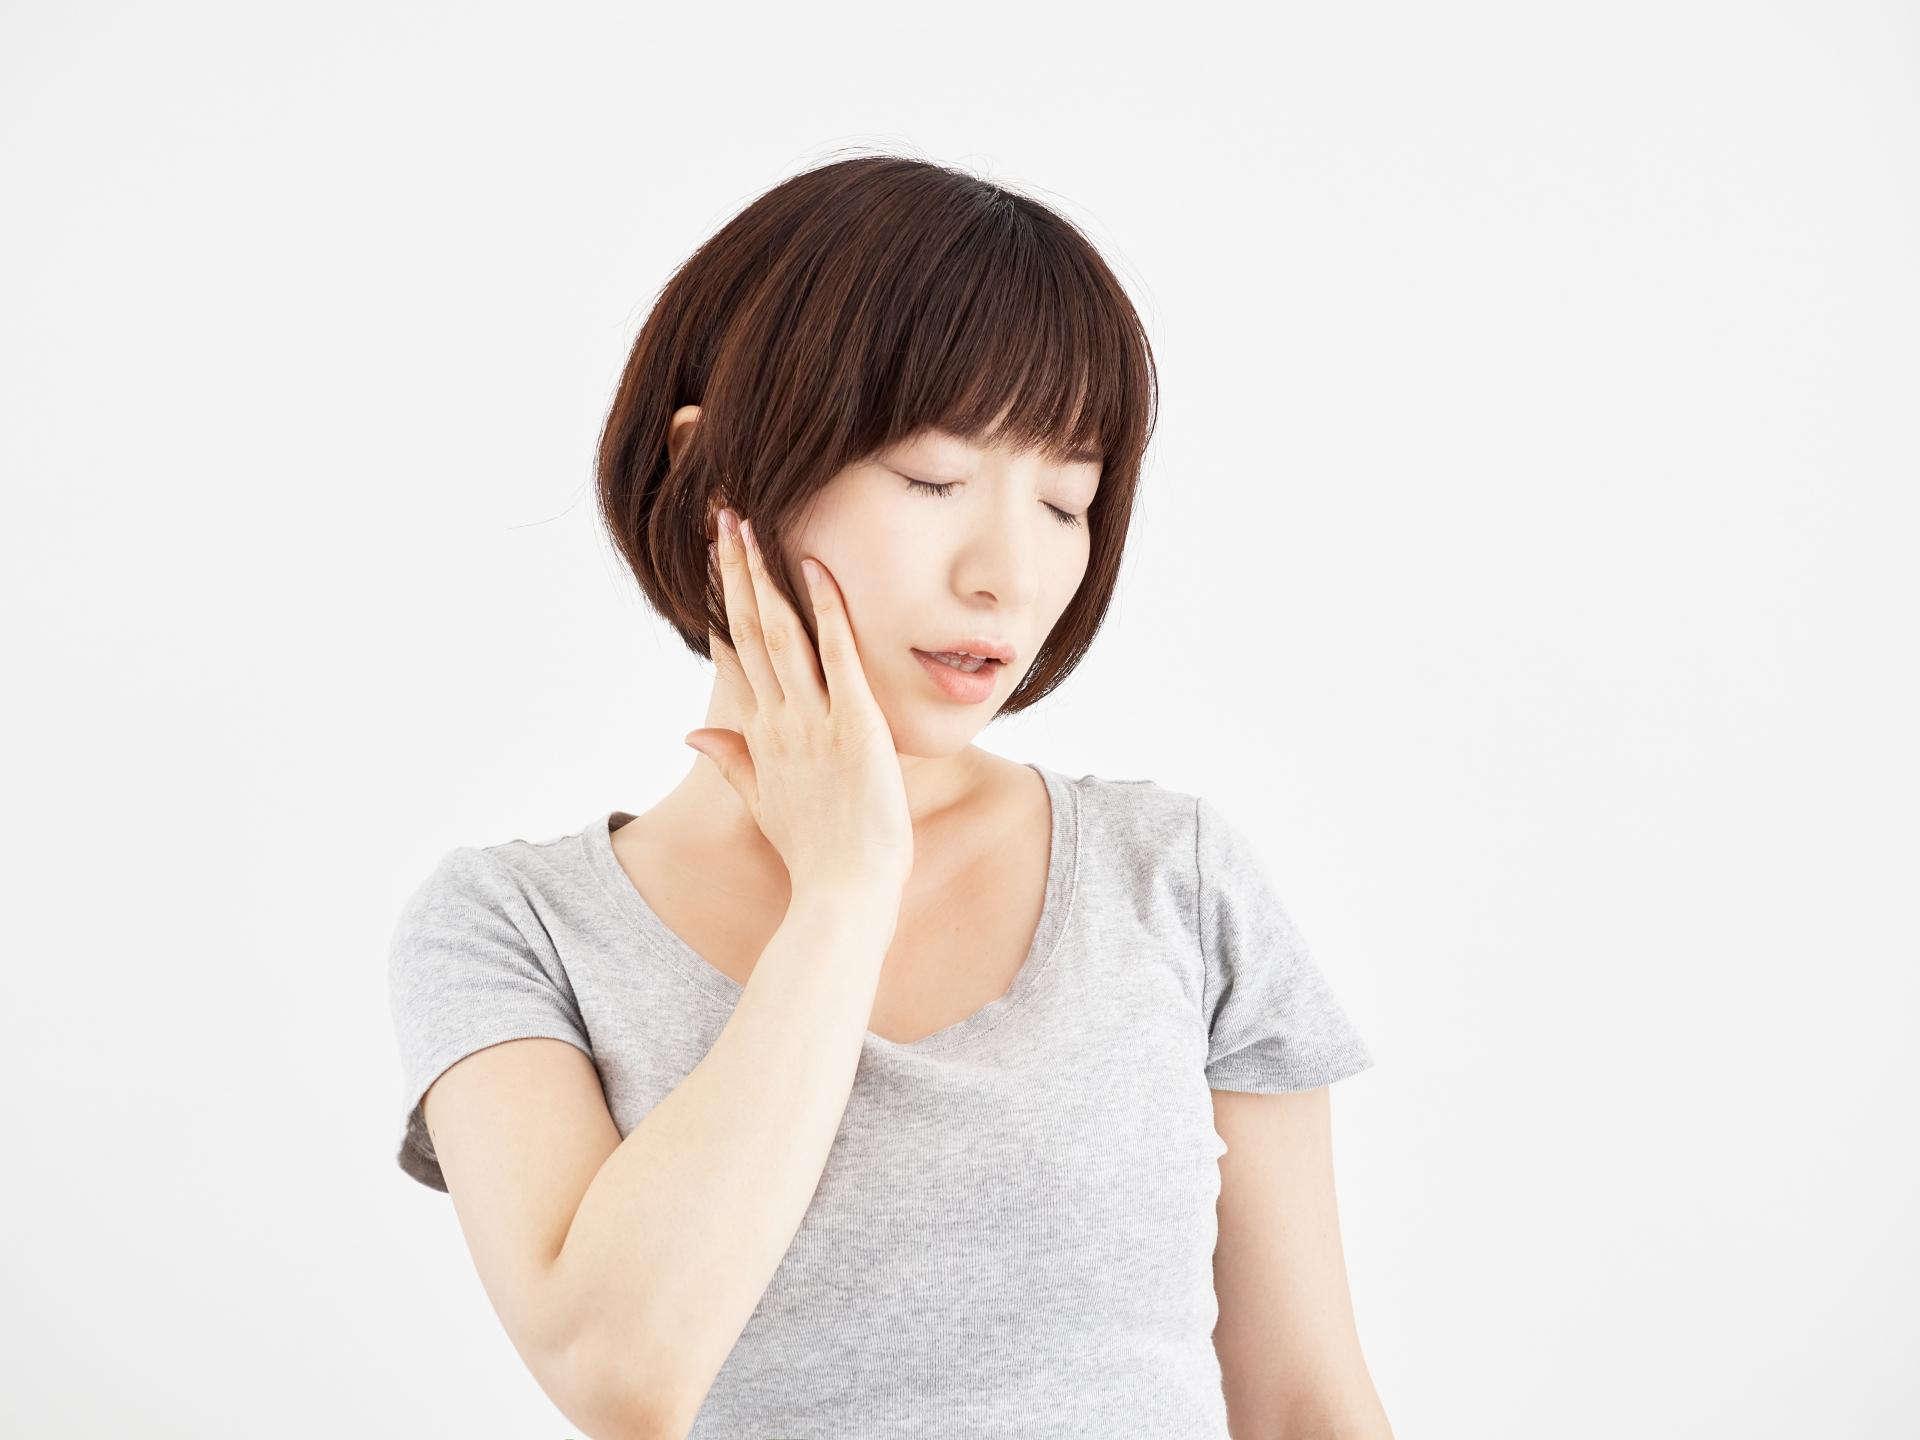 噛み合わせが原因の肩こりを改善する方法